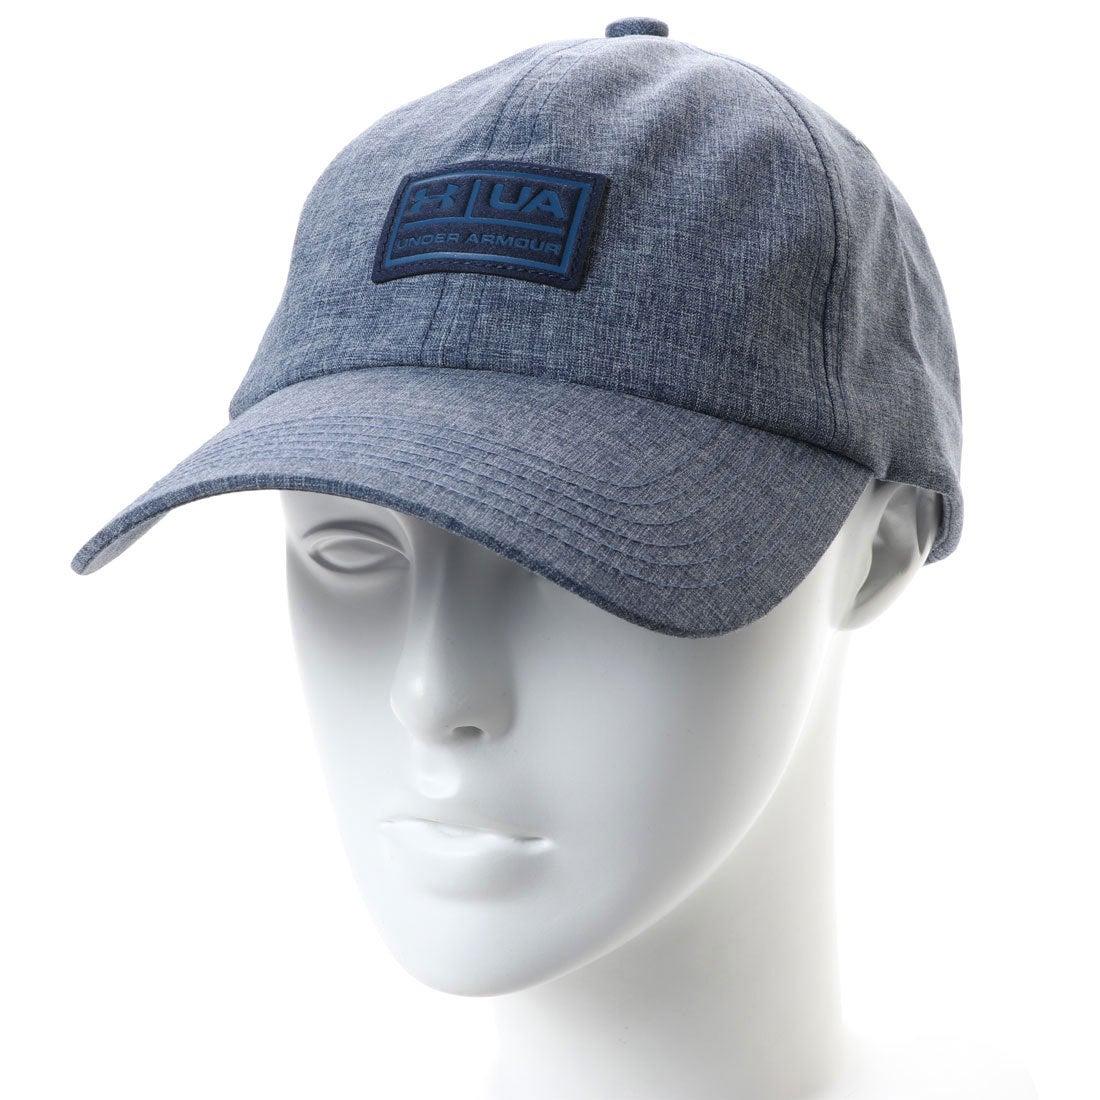 アンダーアーマー UNDER ARMOUR メンズ キャップ UA PERF LIFESTYLE DAD CAP 1305449 帽子 797d84e8a071